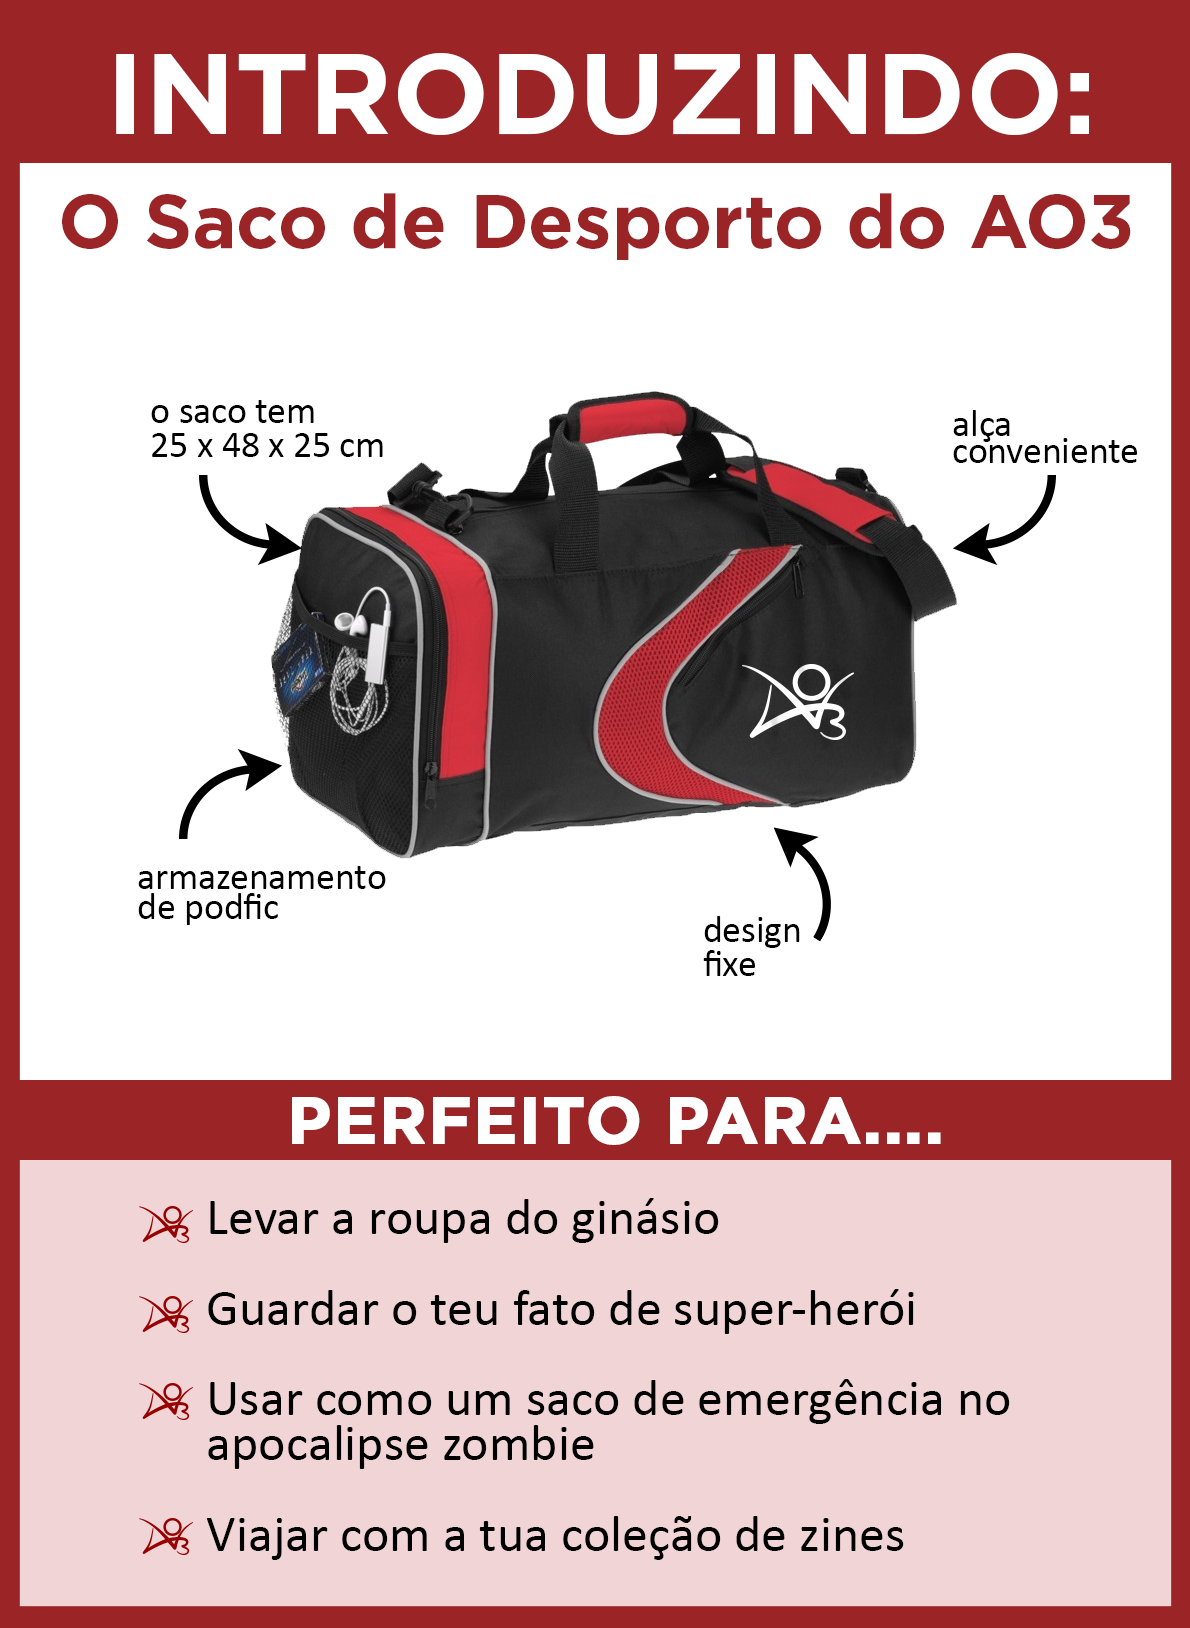 Introduzindo o Saco de Desporto do AO3. O saco é preto e vermelho, com um gráfico vermelho e um logotipo do AO3 em branco num dos lados. Mede 25 x 48 x 25 cm. Tem uma alça conveniente para usar ao ombro e um bolso de rede que é ideal para armazenar podfic. É perfeito para levar a roupa do ginásio, guardar o teu fato de super-herói, usar como saco de emergência no apocalipse zombie e viajar com a tua coleção de zines.